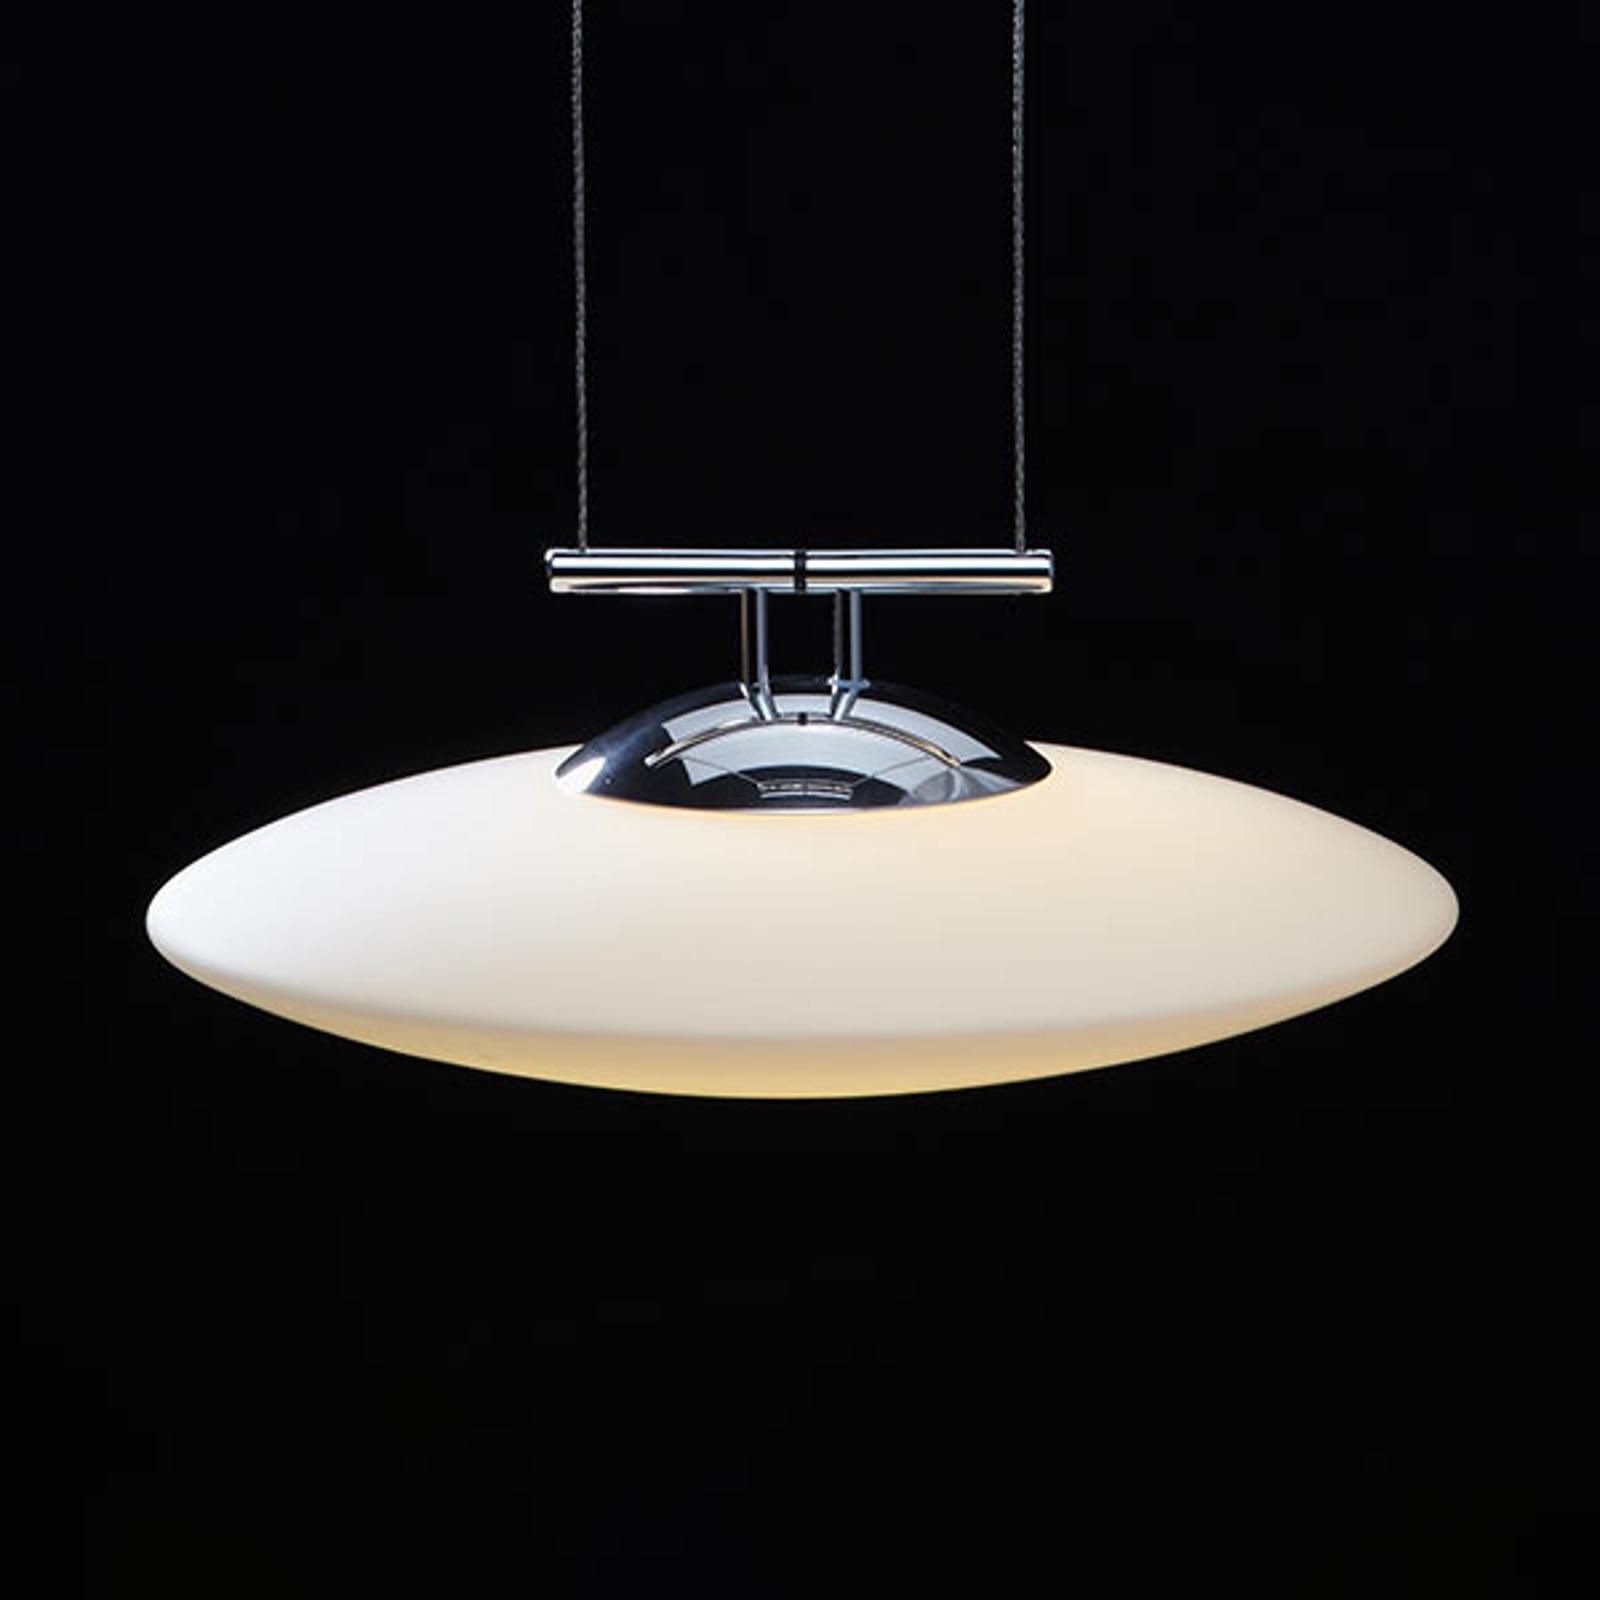 LDM Lunaled Grande Uno LED-Hängeleuchte, poliert